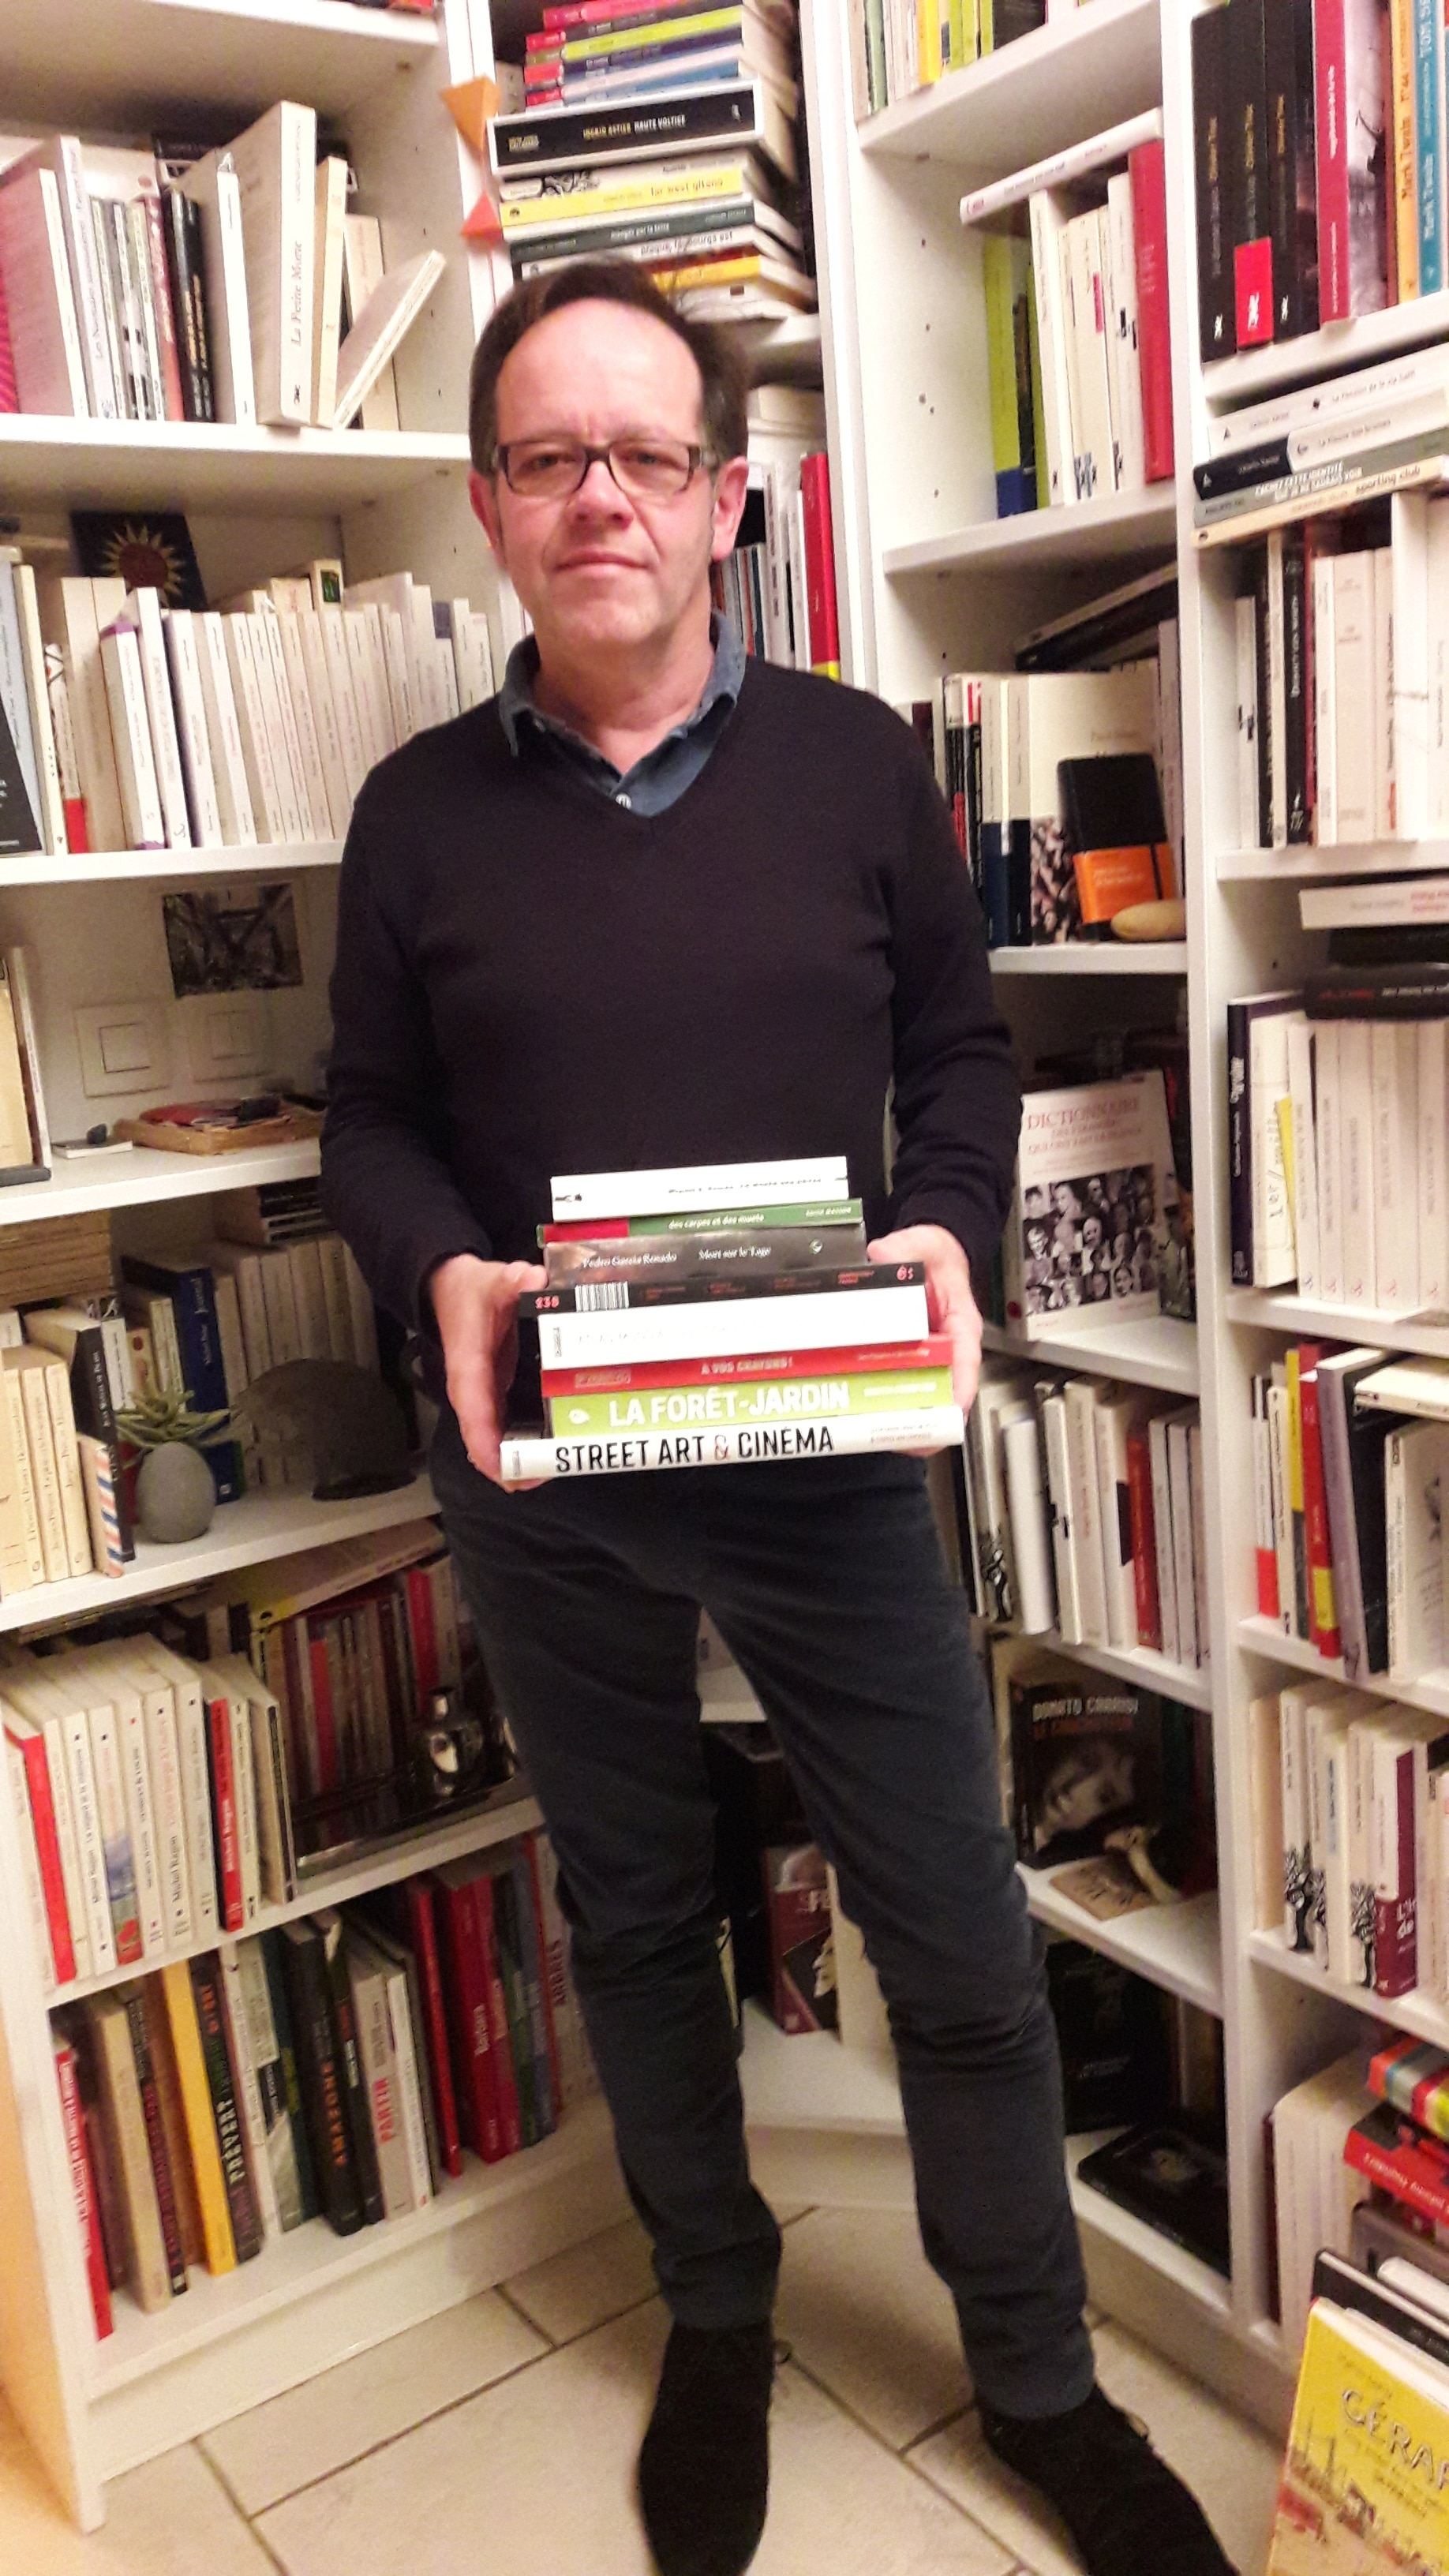 Pascal Didier, est un représentant d'édition intervenant dans le cadre de la journée d'étude du 23 novembre 2018.